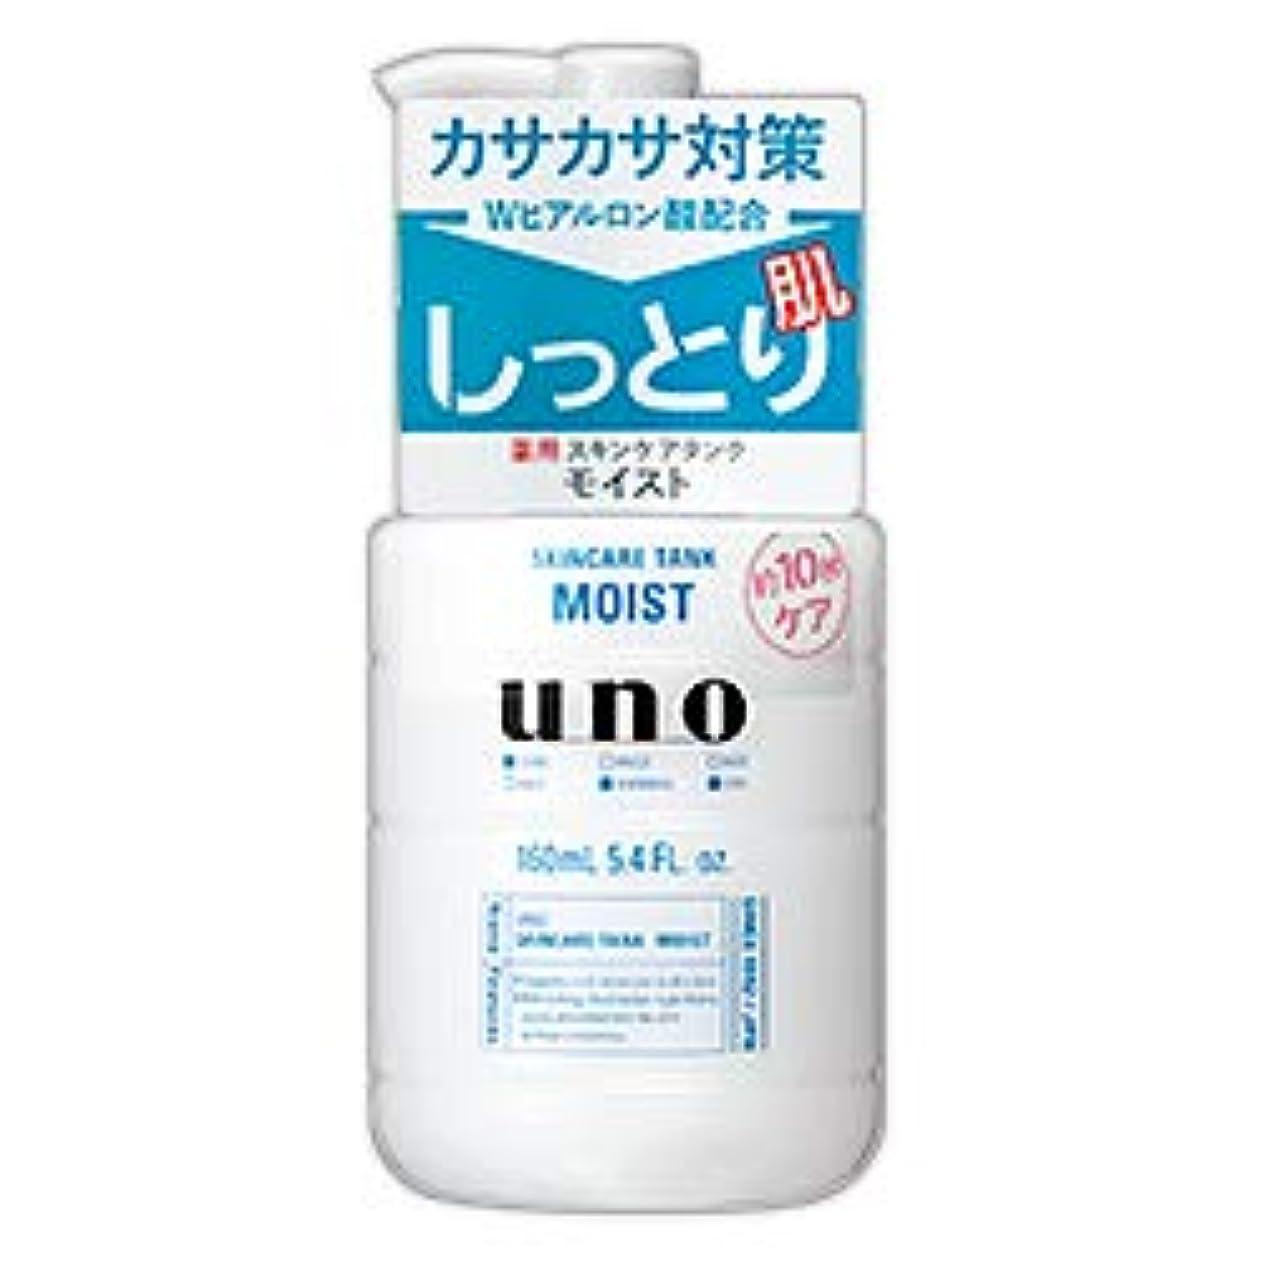 安心エンディングダブル【資生堂】ウーノ(uno) スキンケアタンク (しっとり) 160mL ×4個セット